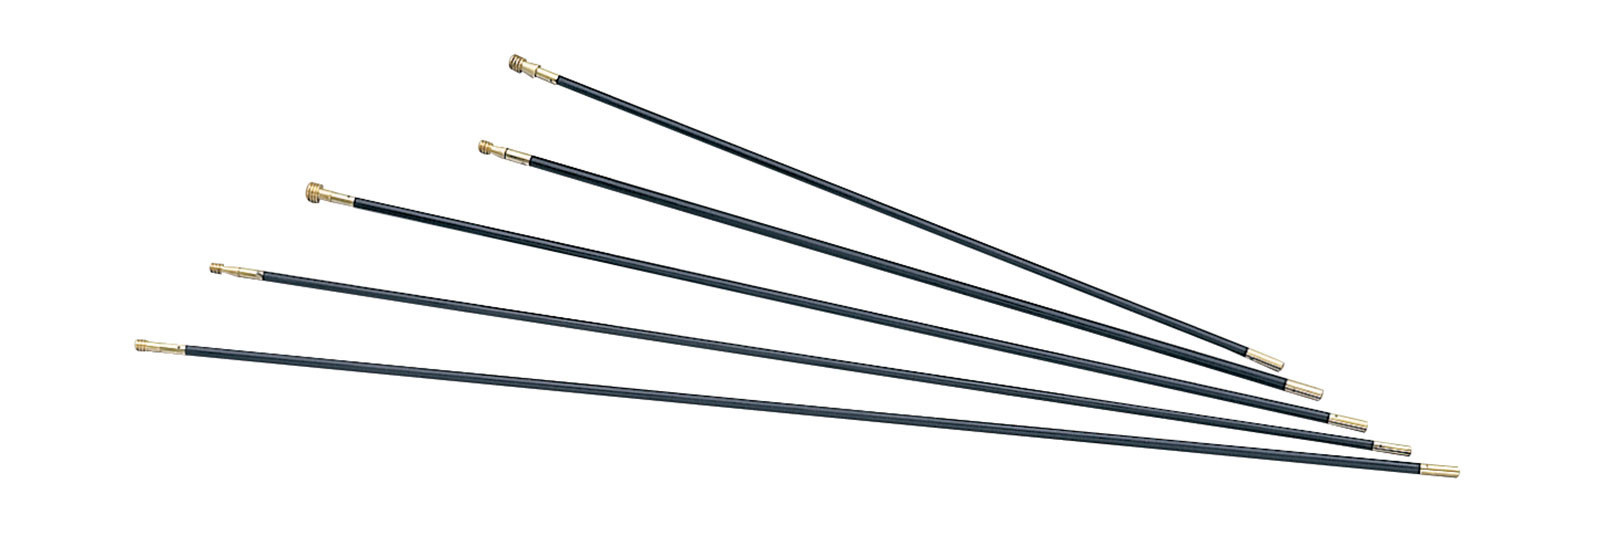 Muzzleloading Fiberglass ramrods 10x720